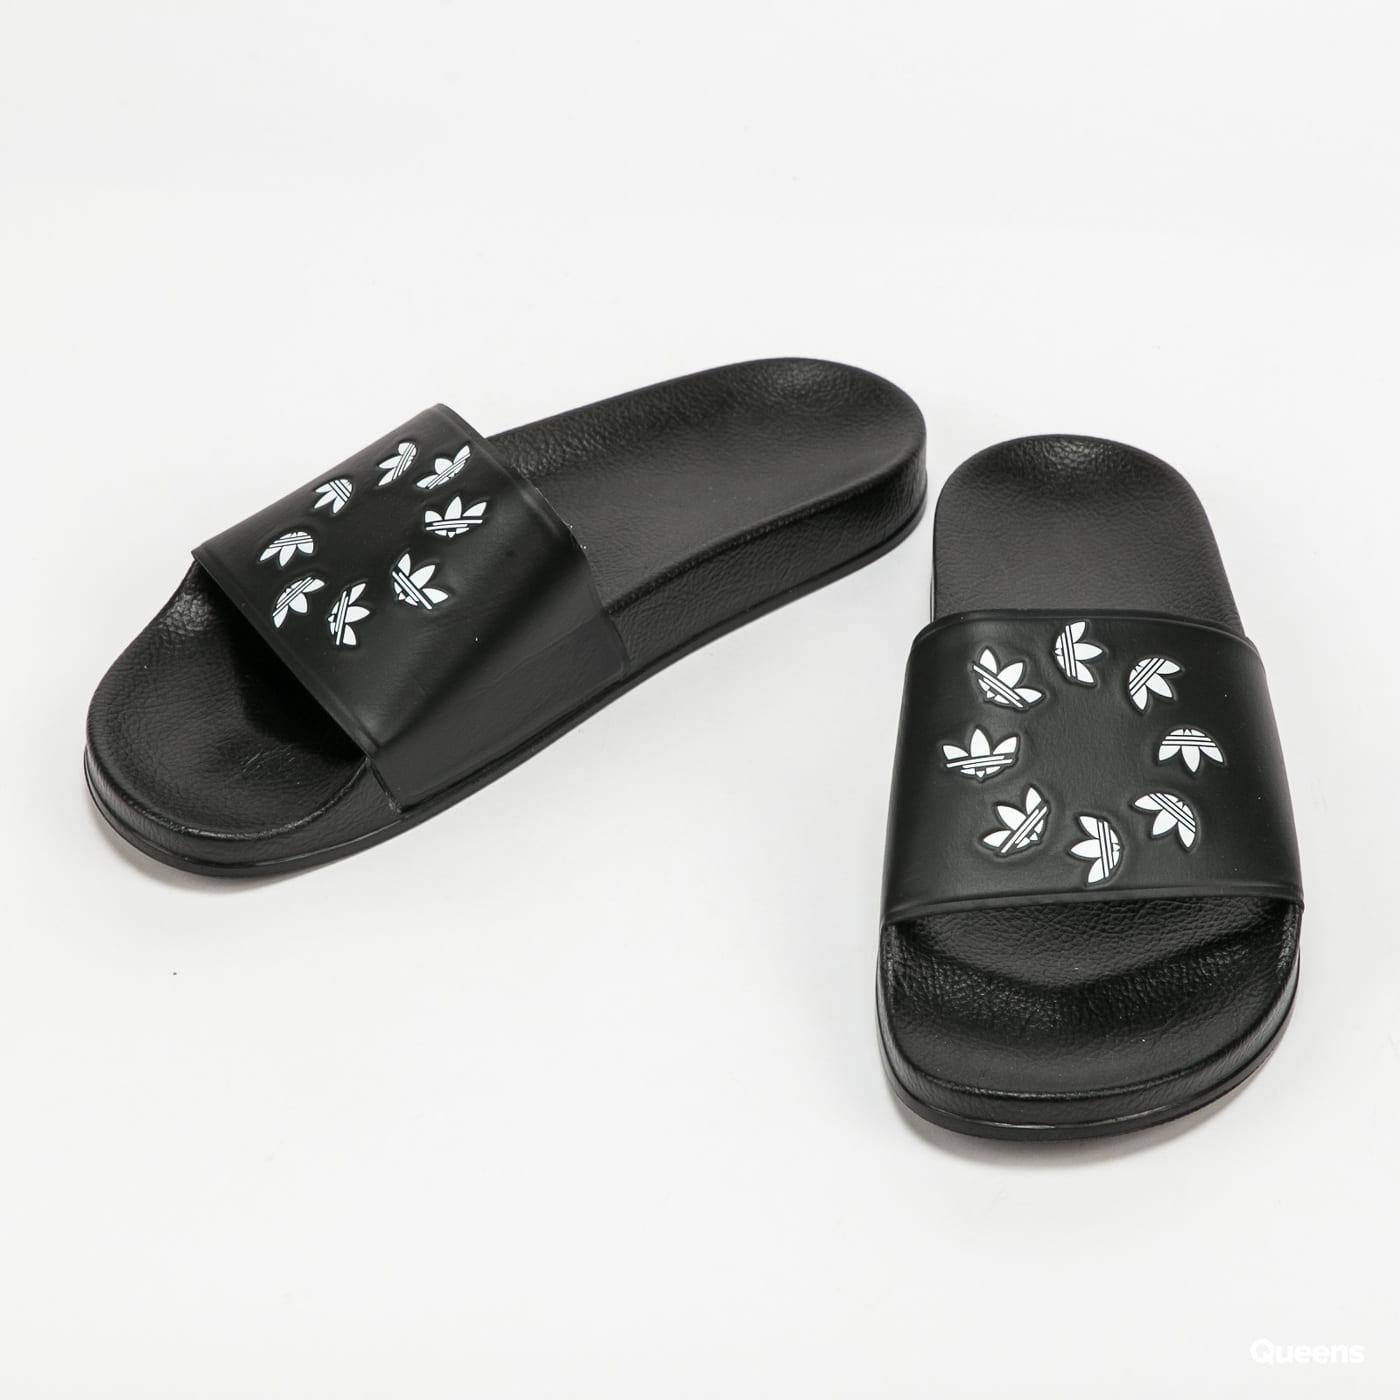 adidas Originals Adilette cblack / ftwwht / cblack